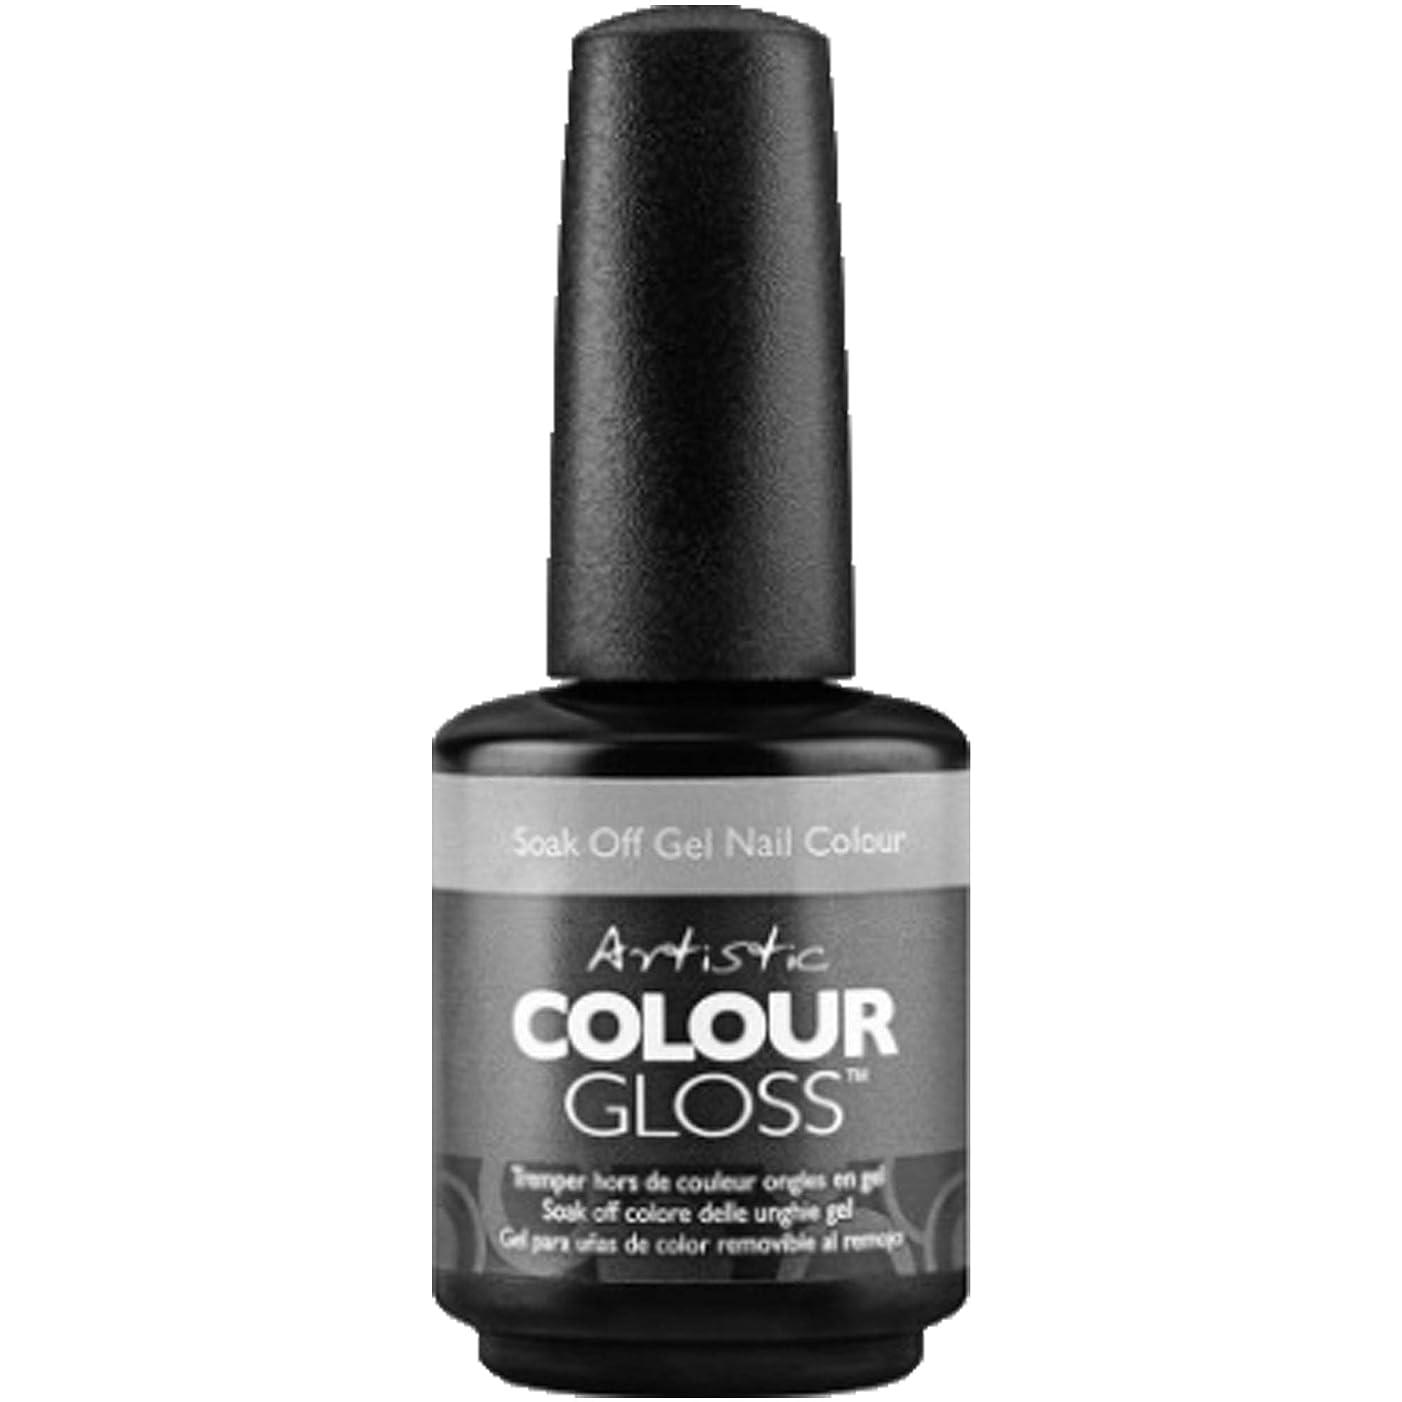 ビジョンコショウ勇気Artistic Colour Gloss - Suit Yourself - 0.5oz / 15ml